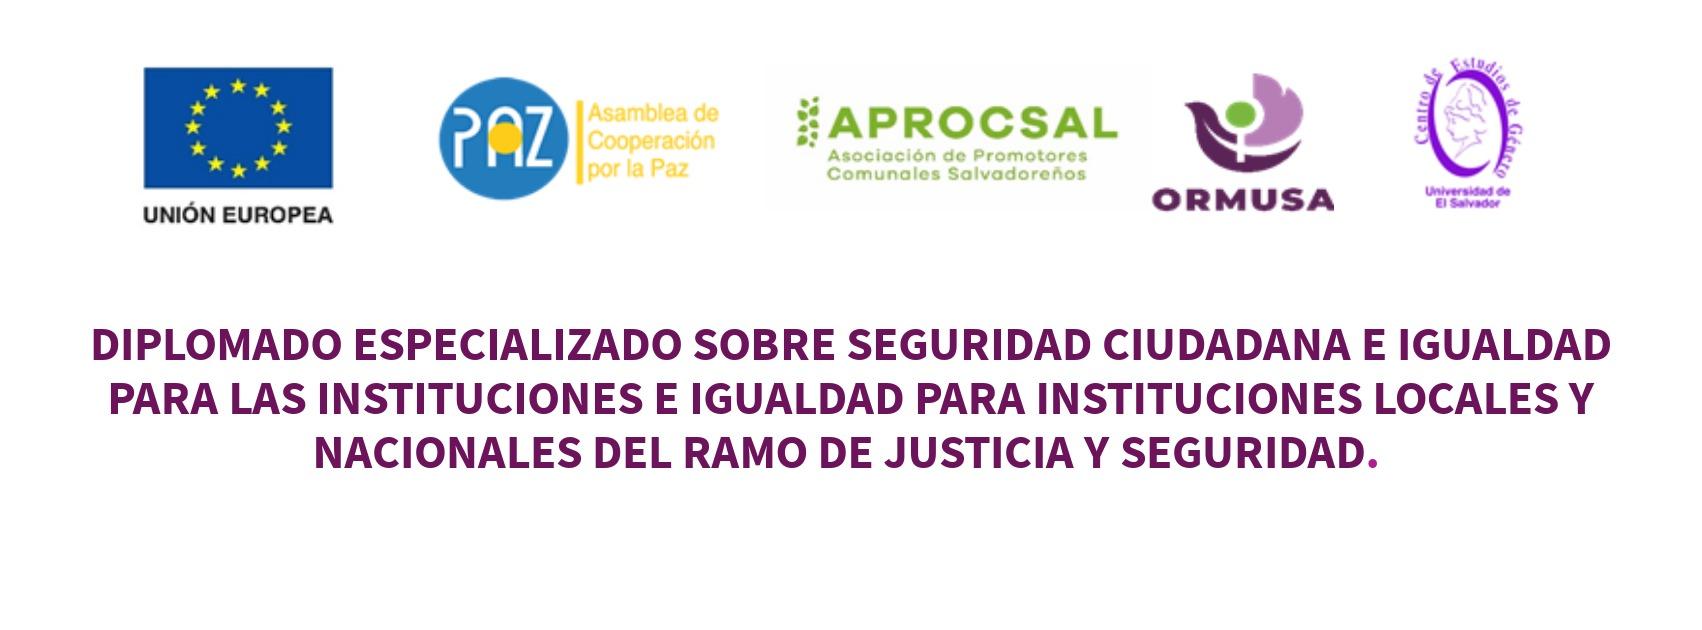 Diplomado especializado sobre seguridad ciudadana e igualdad para la instituciones locales y nacionales del ramo de justicia y seguridad